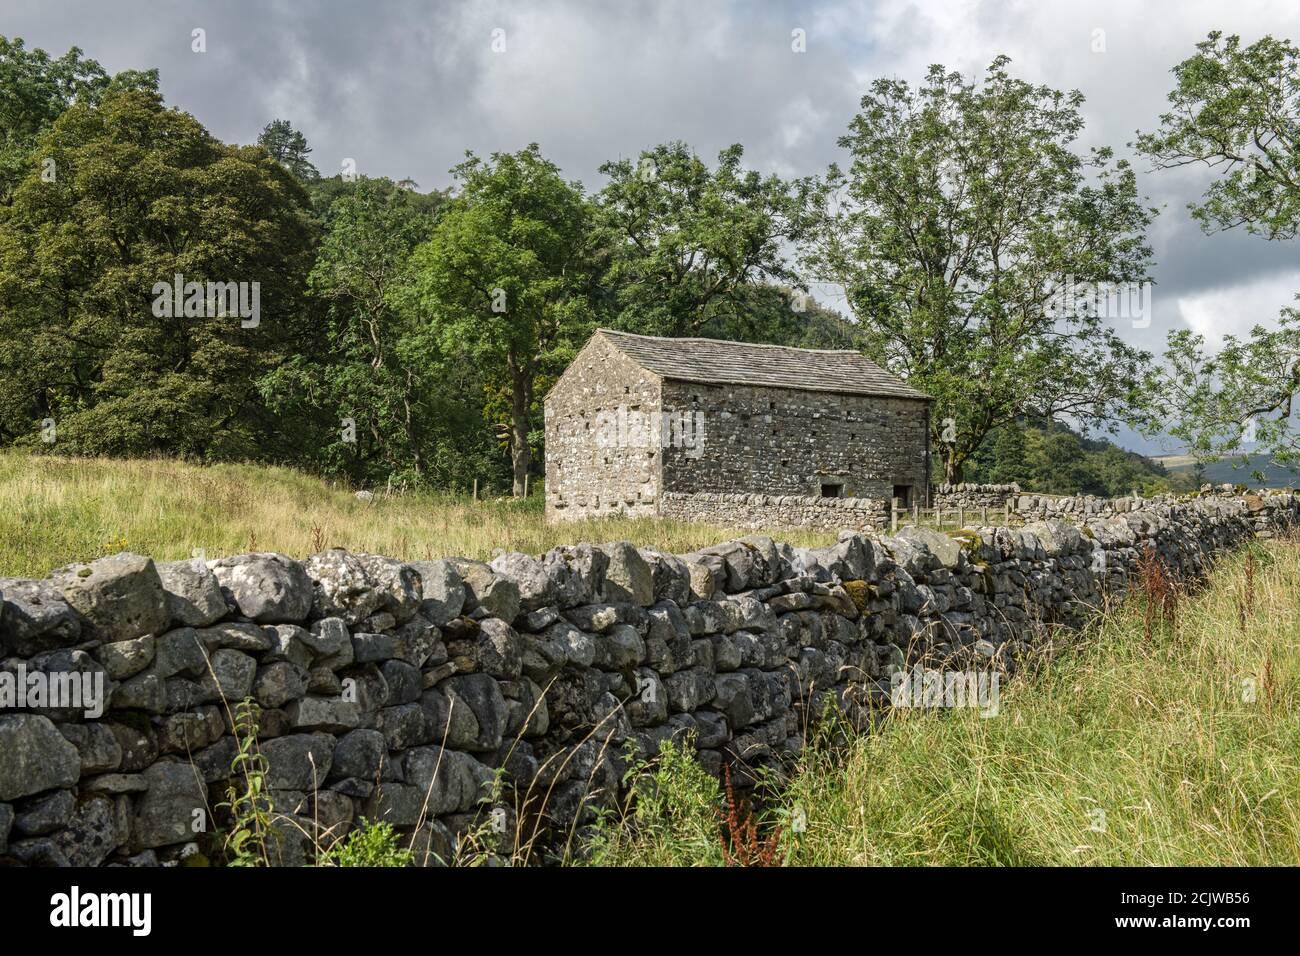 Un granero de Dales en el sendero a través del camino de Dales en el Parque Nacional de Yorkshire Dales. Muchos graneros se han dejado desmoronarse, pero otros han sido reconstruidos. Foto de stock